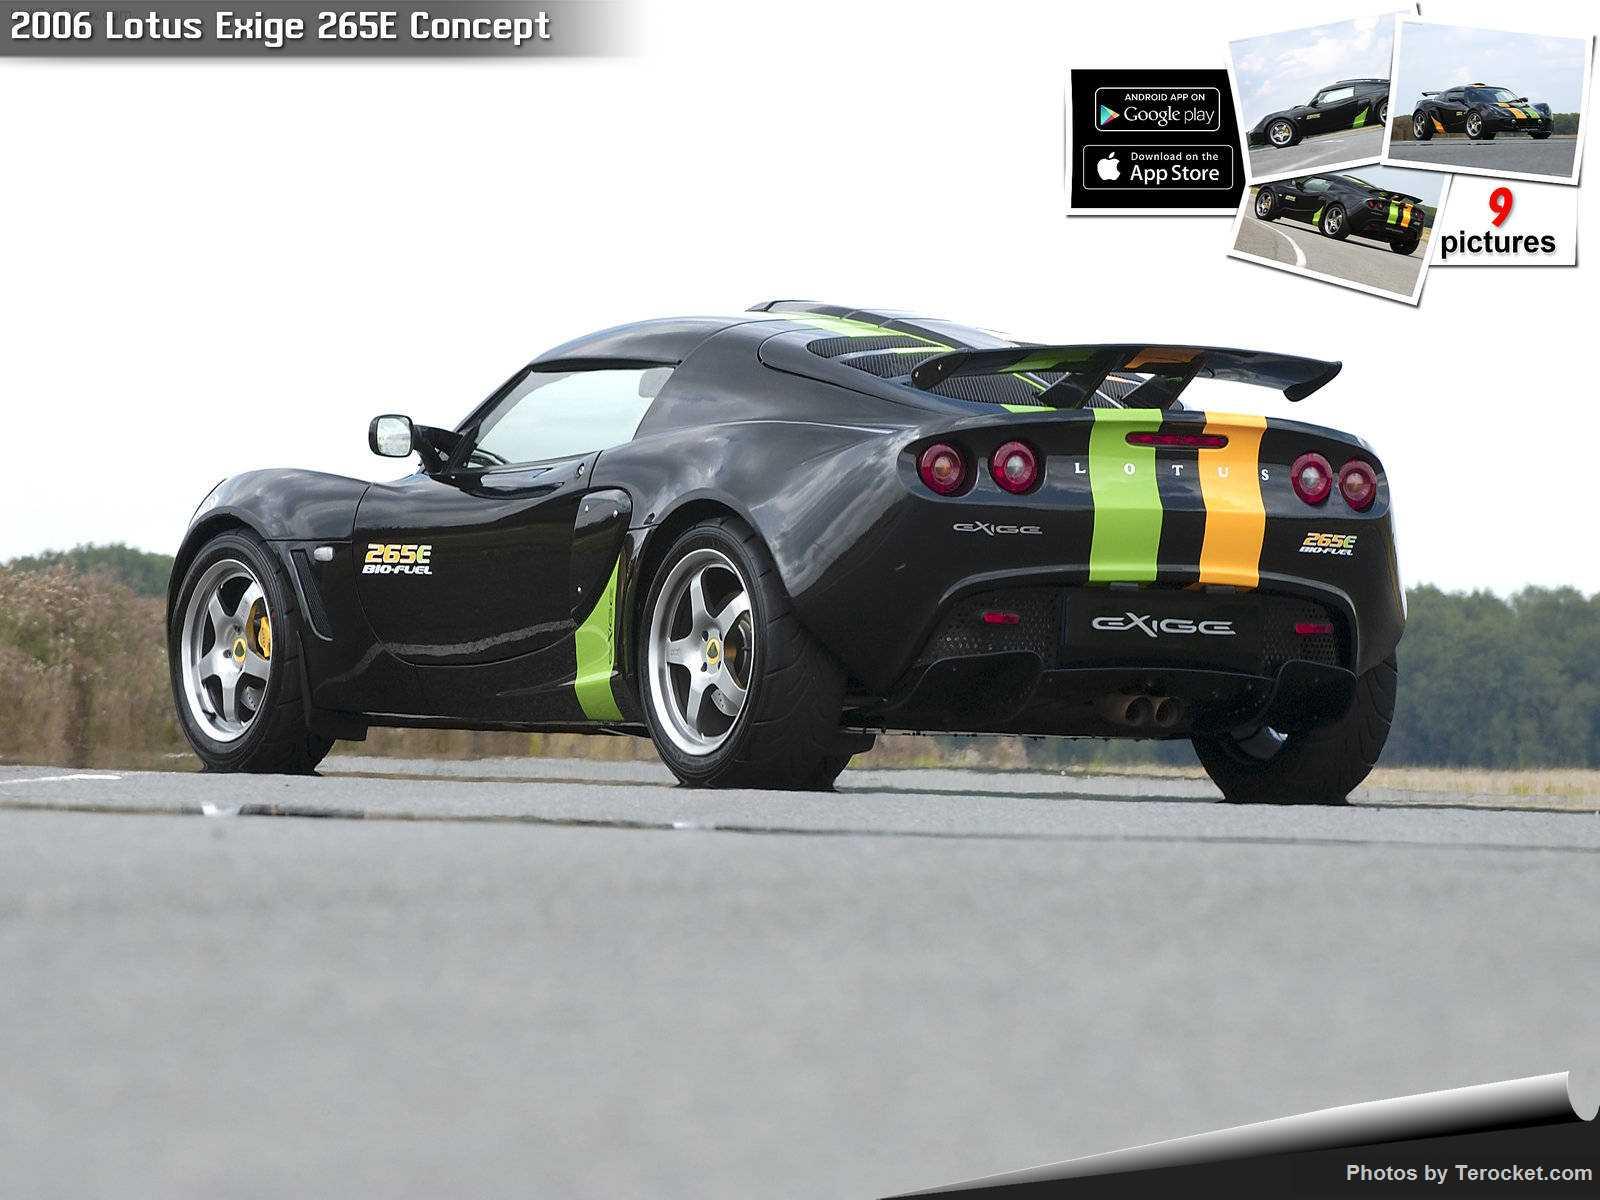 Hình ảnh siêu xe Lotus Exige 265E Concept 2006 & nội ngoại thất